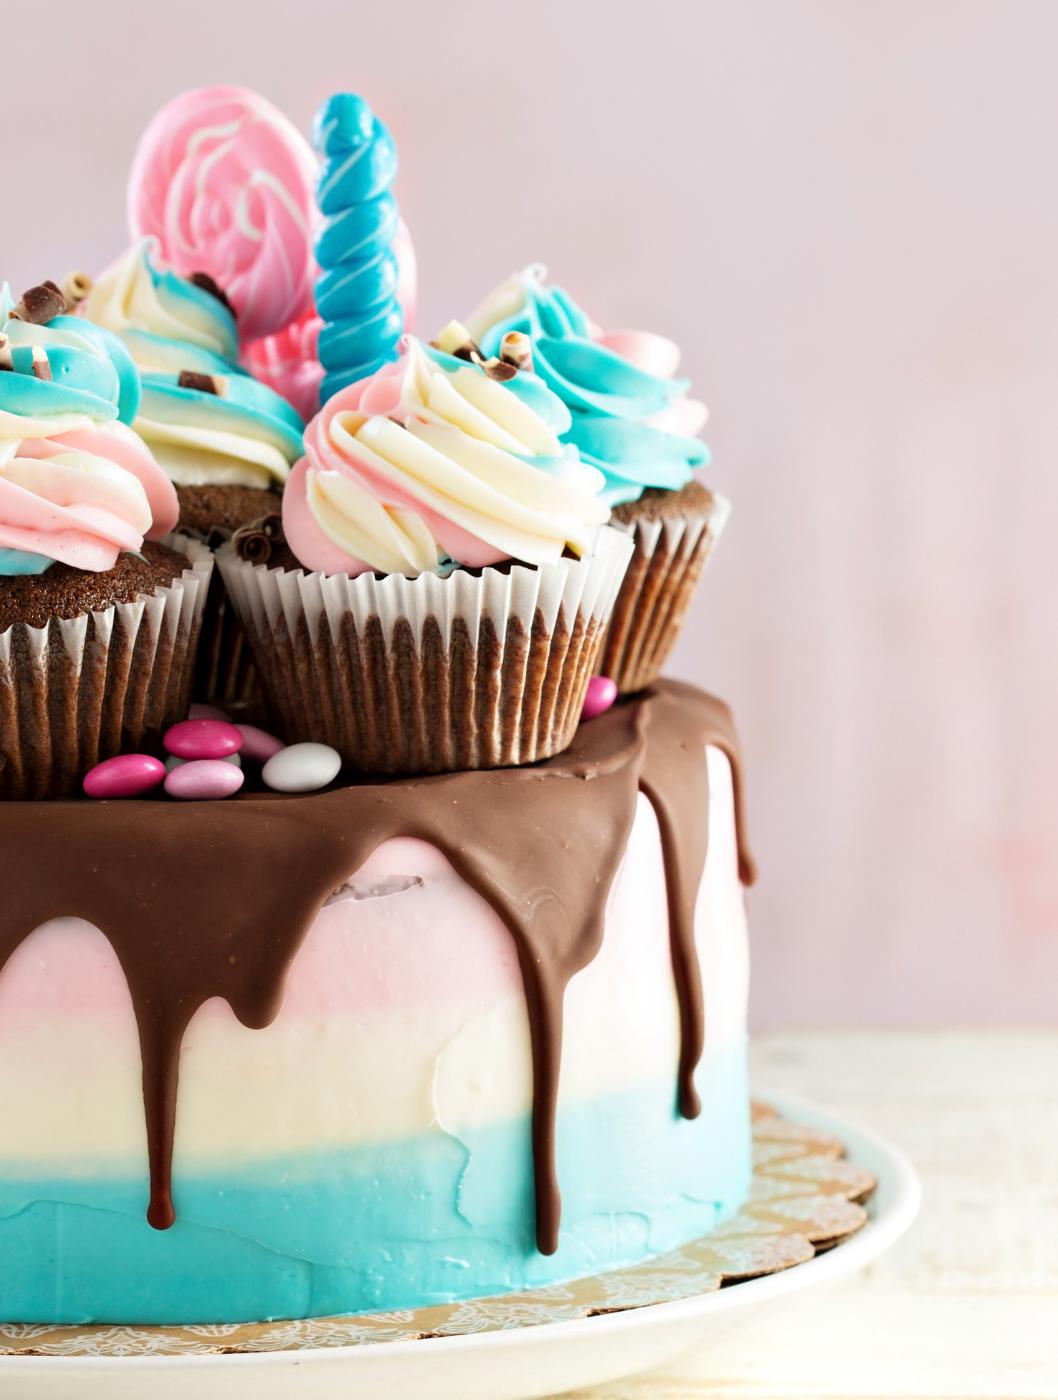 Test dig selv: Hvilken kage er du?